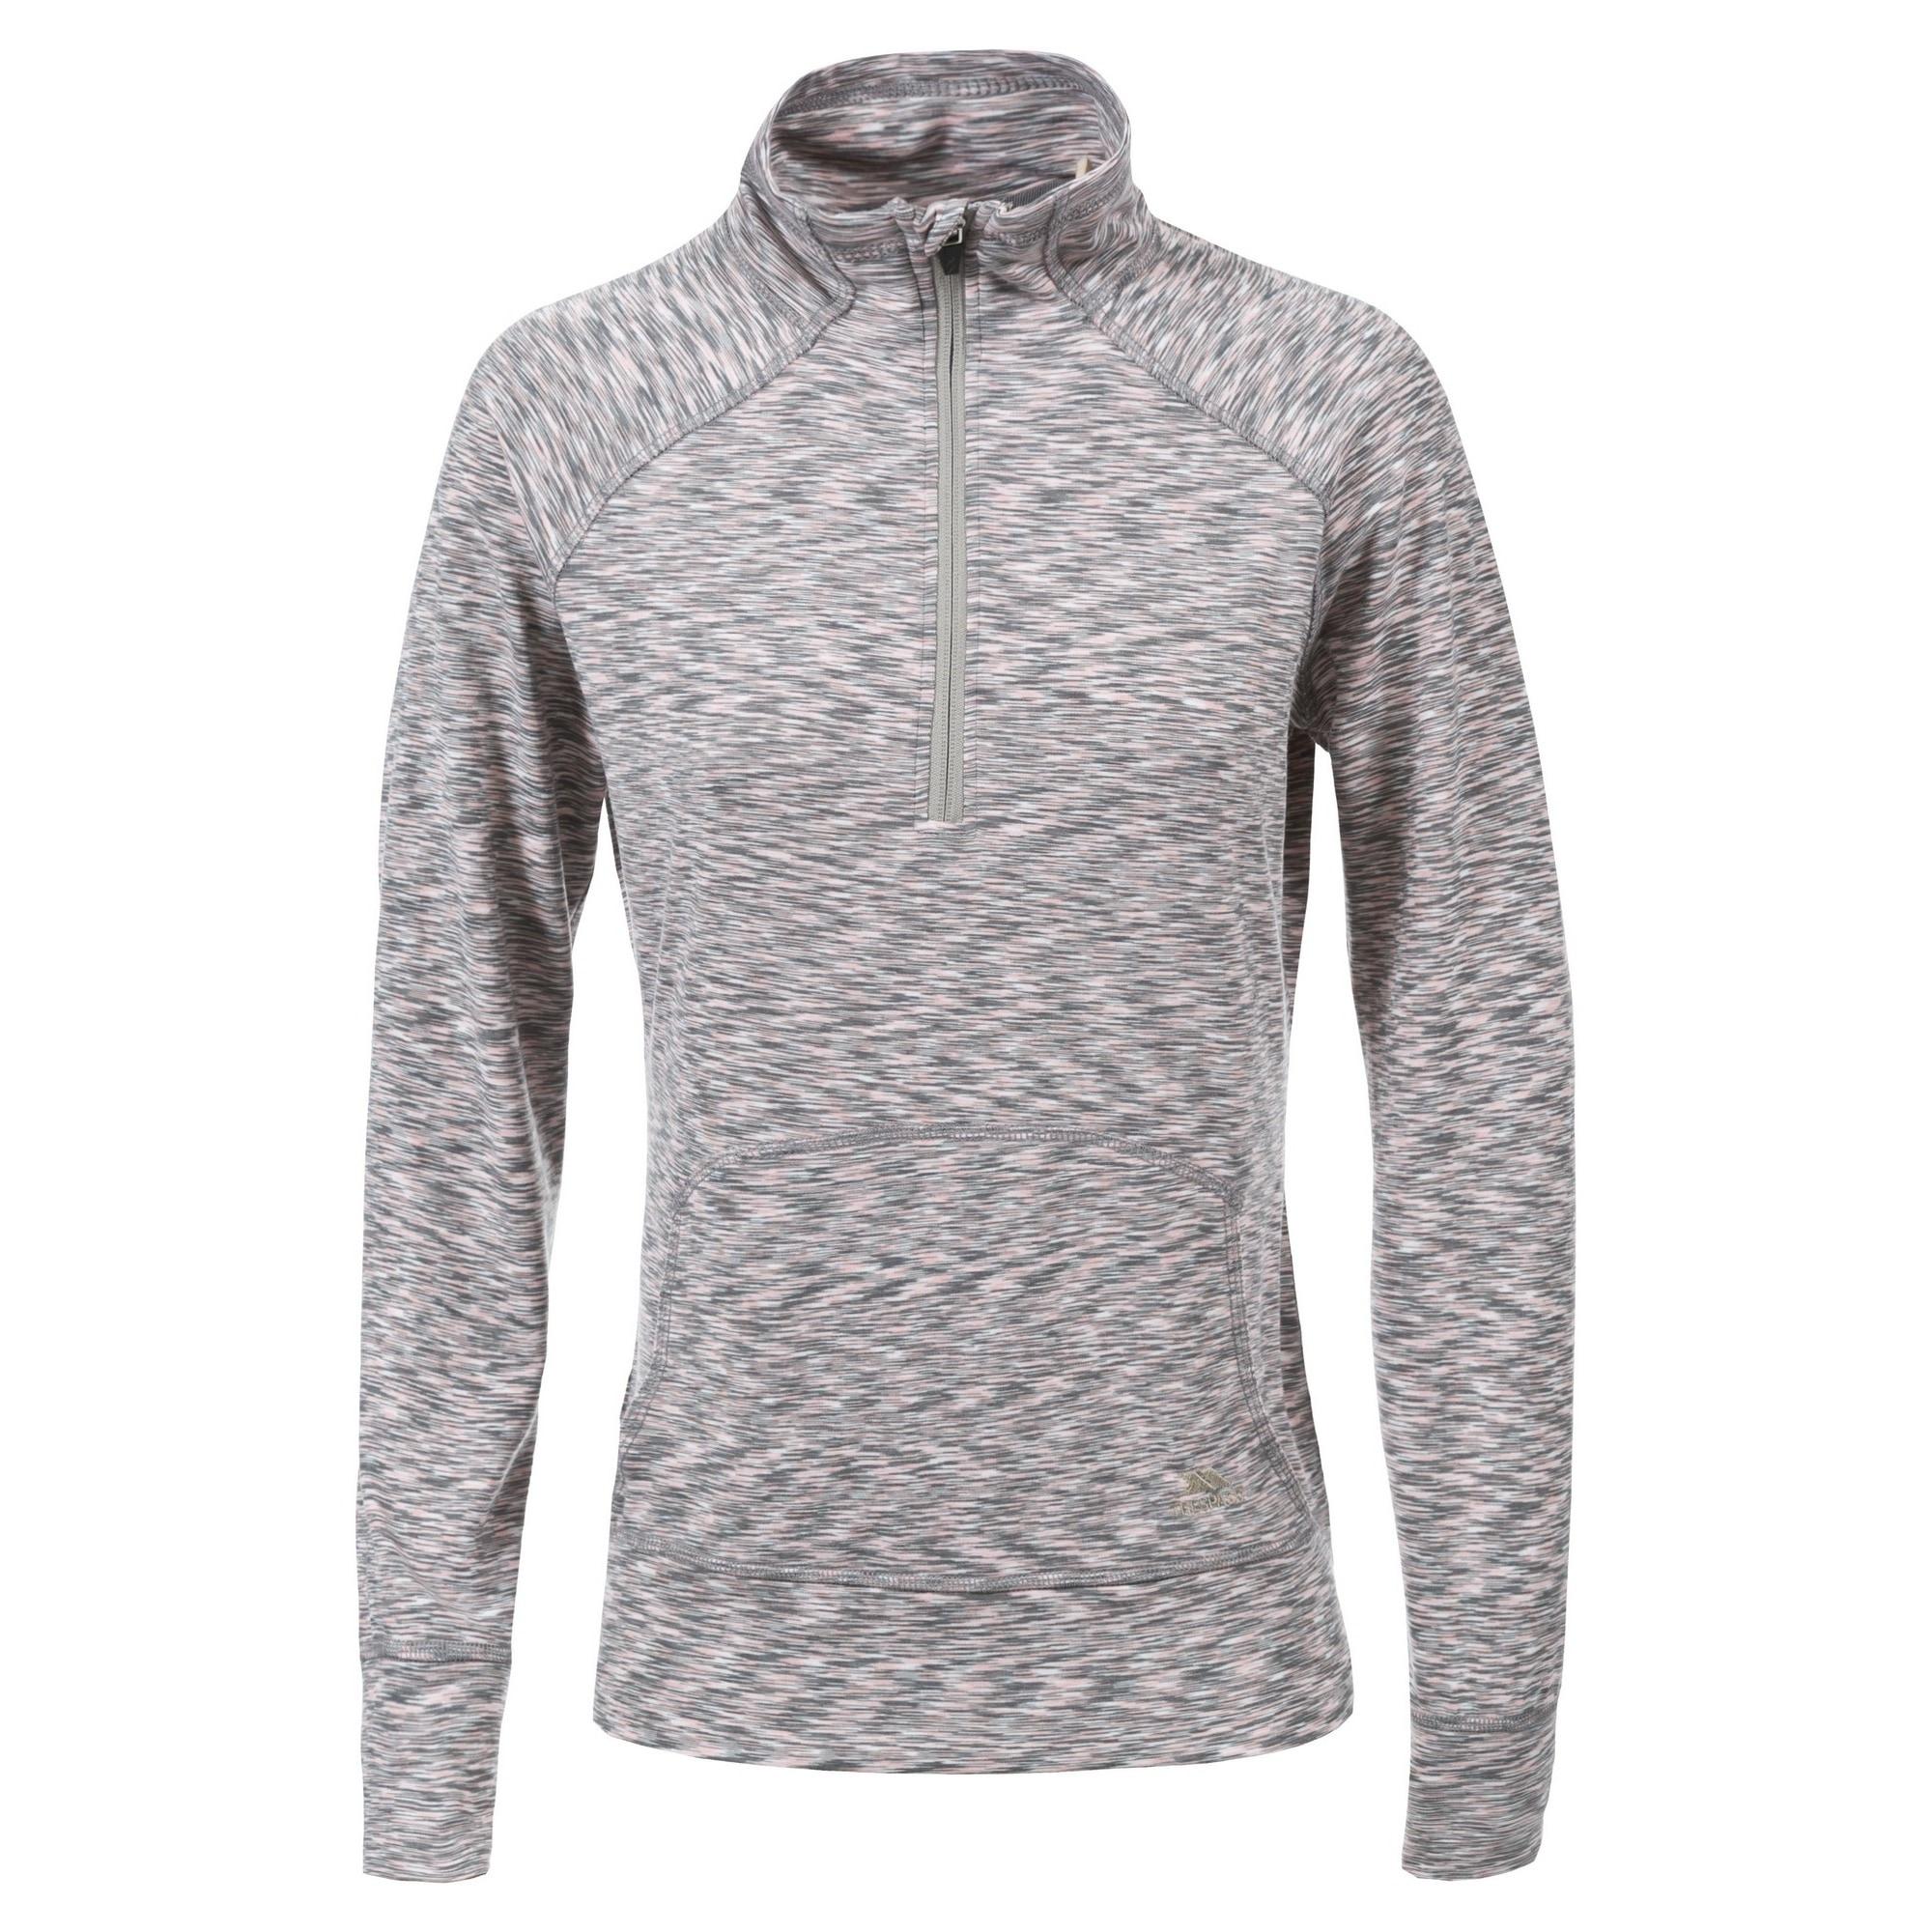 Trespass Fleeceshirt Damen Moxie Fleece-Top mit Reißverschluss bis zur Brust | Bekleidung > Sweatshirts & -jacken > Fleeceshirts | Grau | Trespass